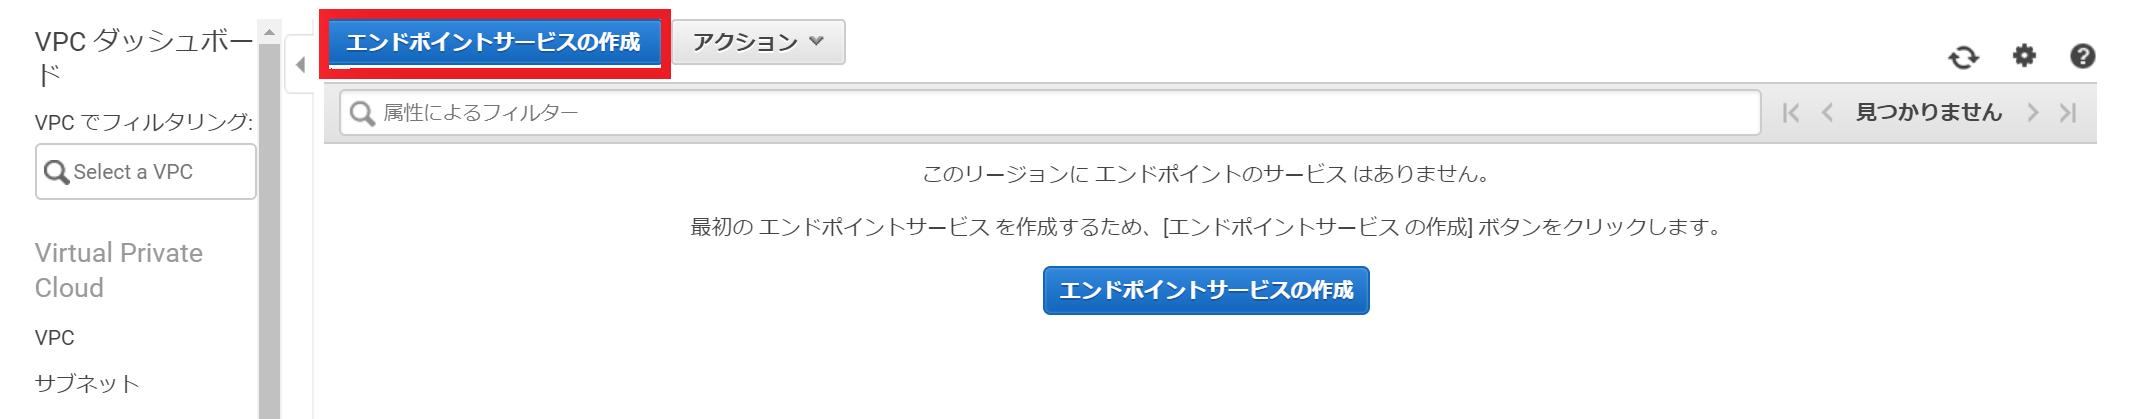 エンドポイントサービス作成1